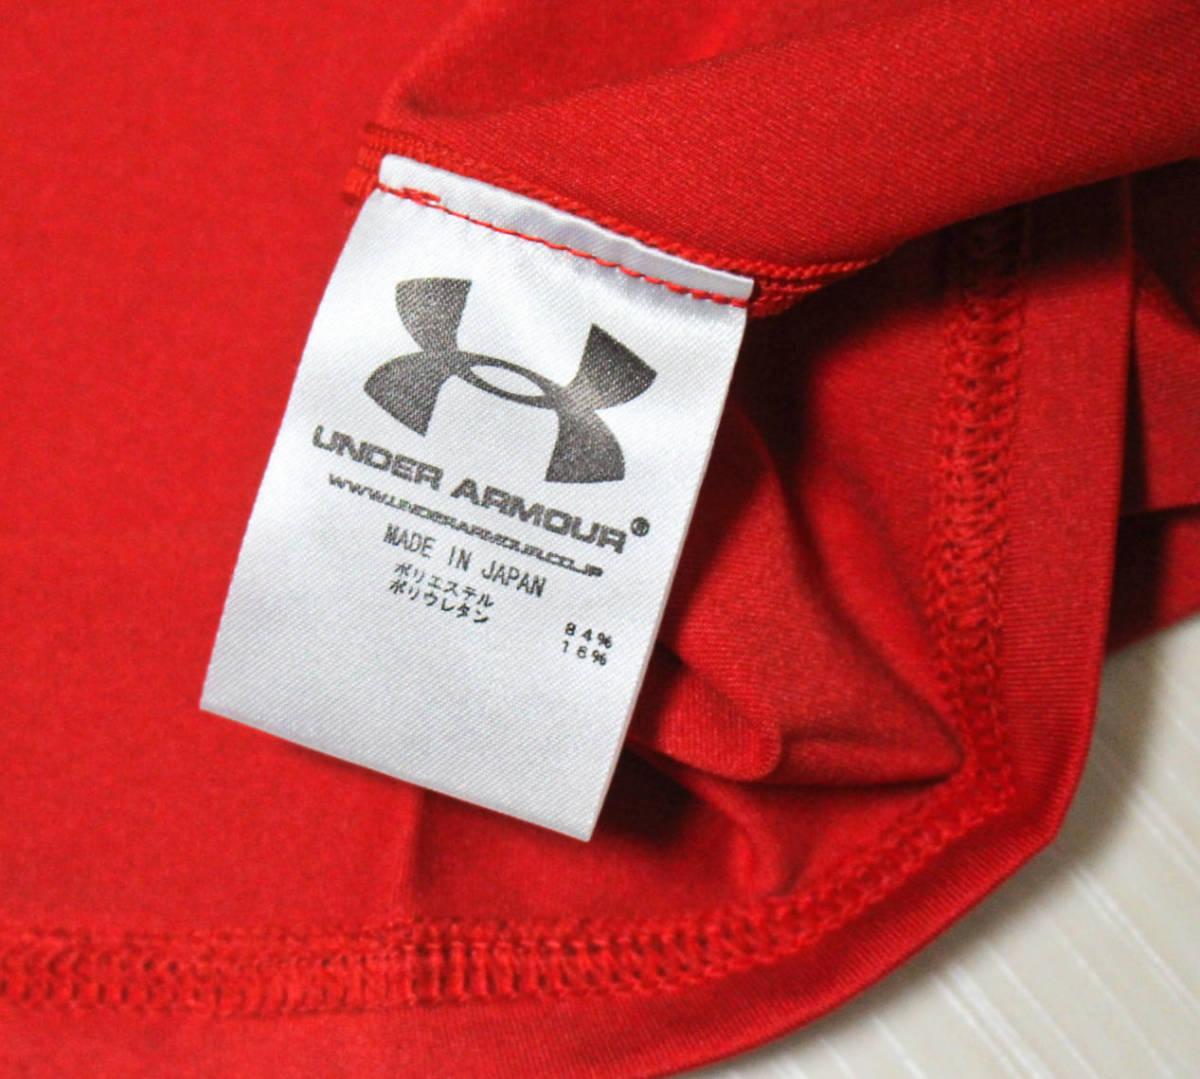 《UNDER ARMOUR アンダーアーマー》新品 UAヒートギア アンダーシャツ スポーツウェア ストレッチ 吸汗速乾性 SMサイズ A2671